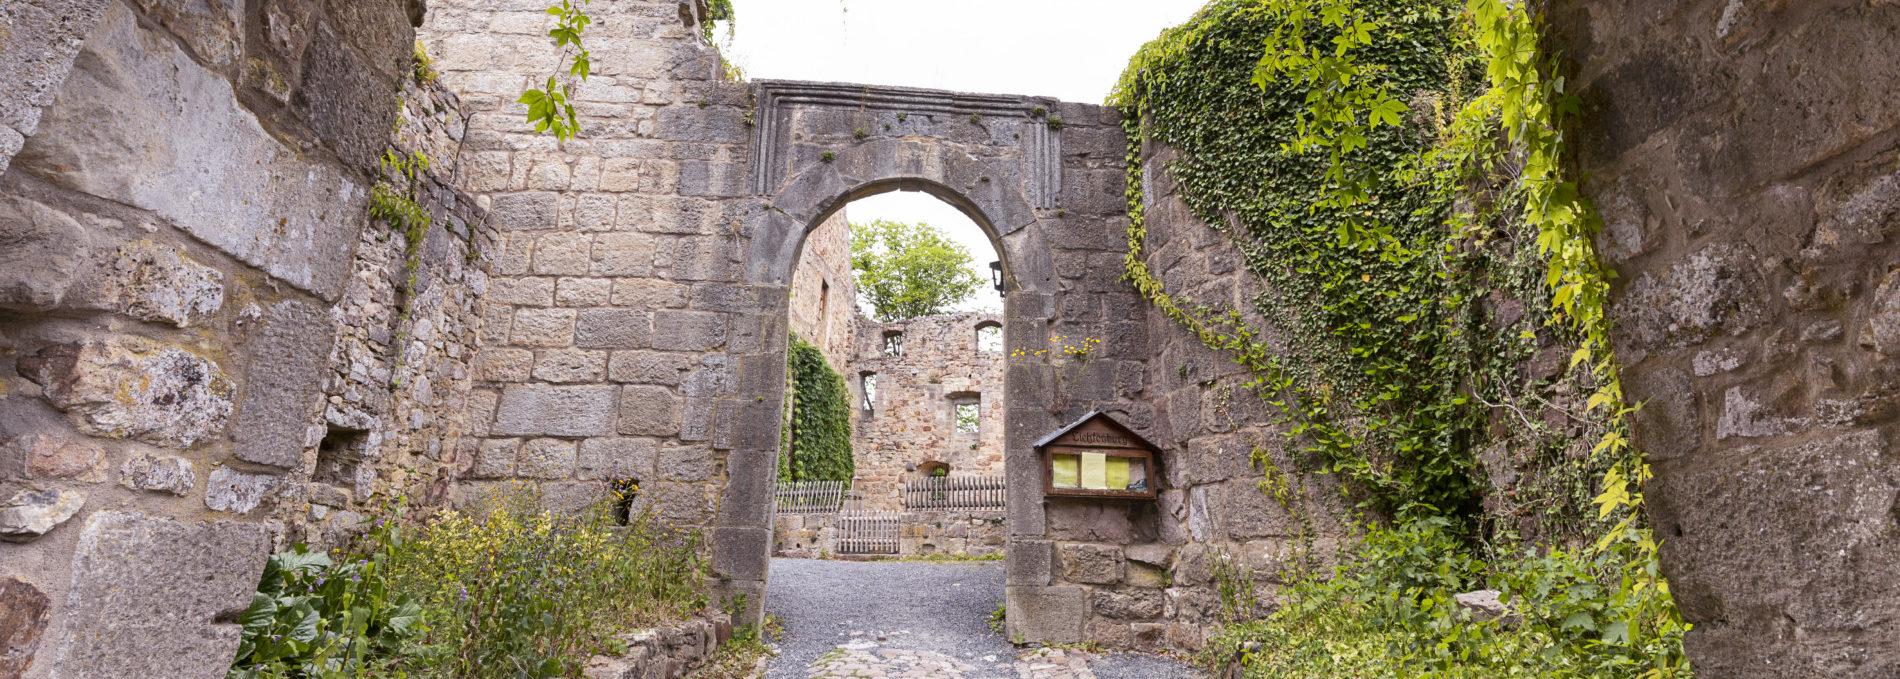 Ruine Lichtenburg in der Stadt Ostheim v. d. Rhön in der Streutalallianz weithin sichtbar (Foto: Leska Hörner - Leskas Wunderwelt)